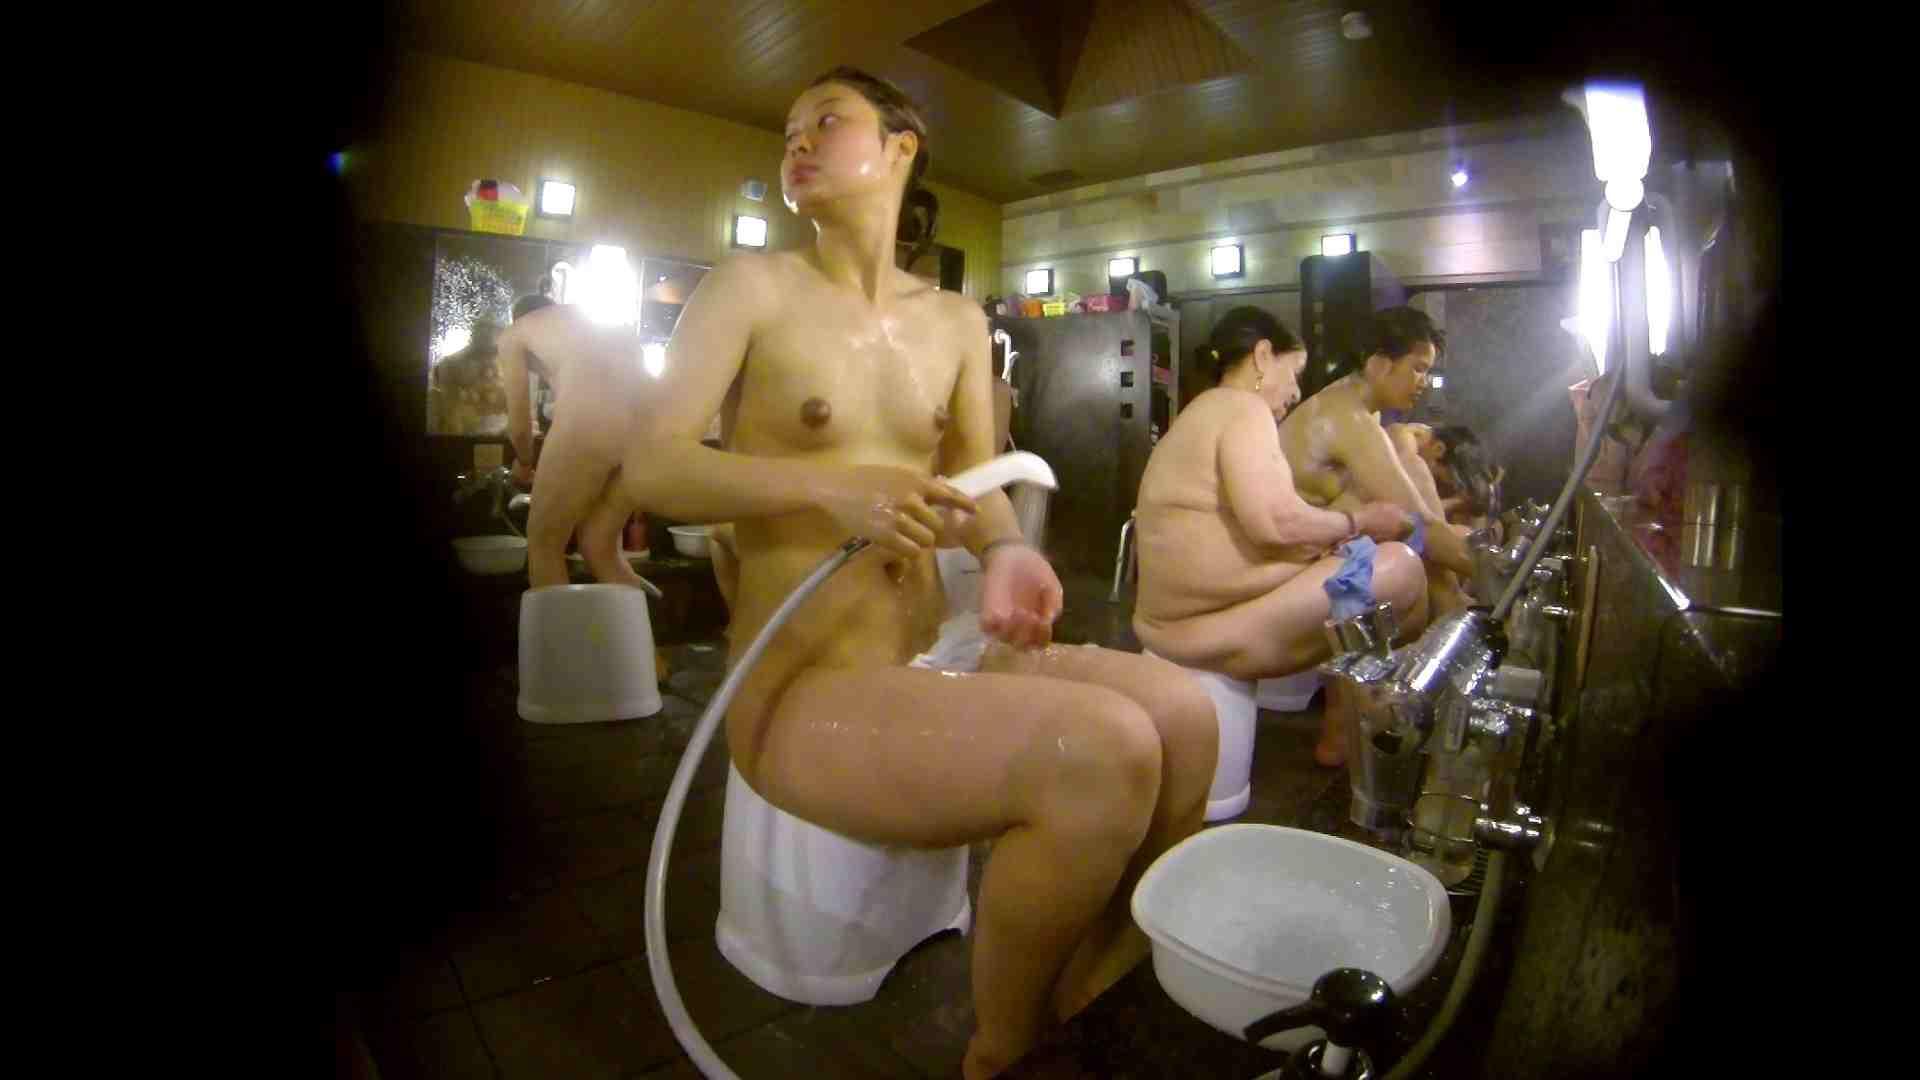 追い撮り!脱衣~洗い場、徹底追跡!撮り師さんに拍手!! 追跡  67PIX 19